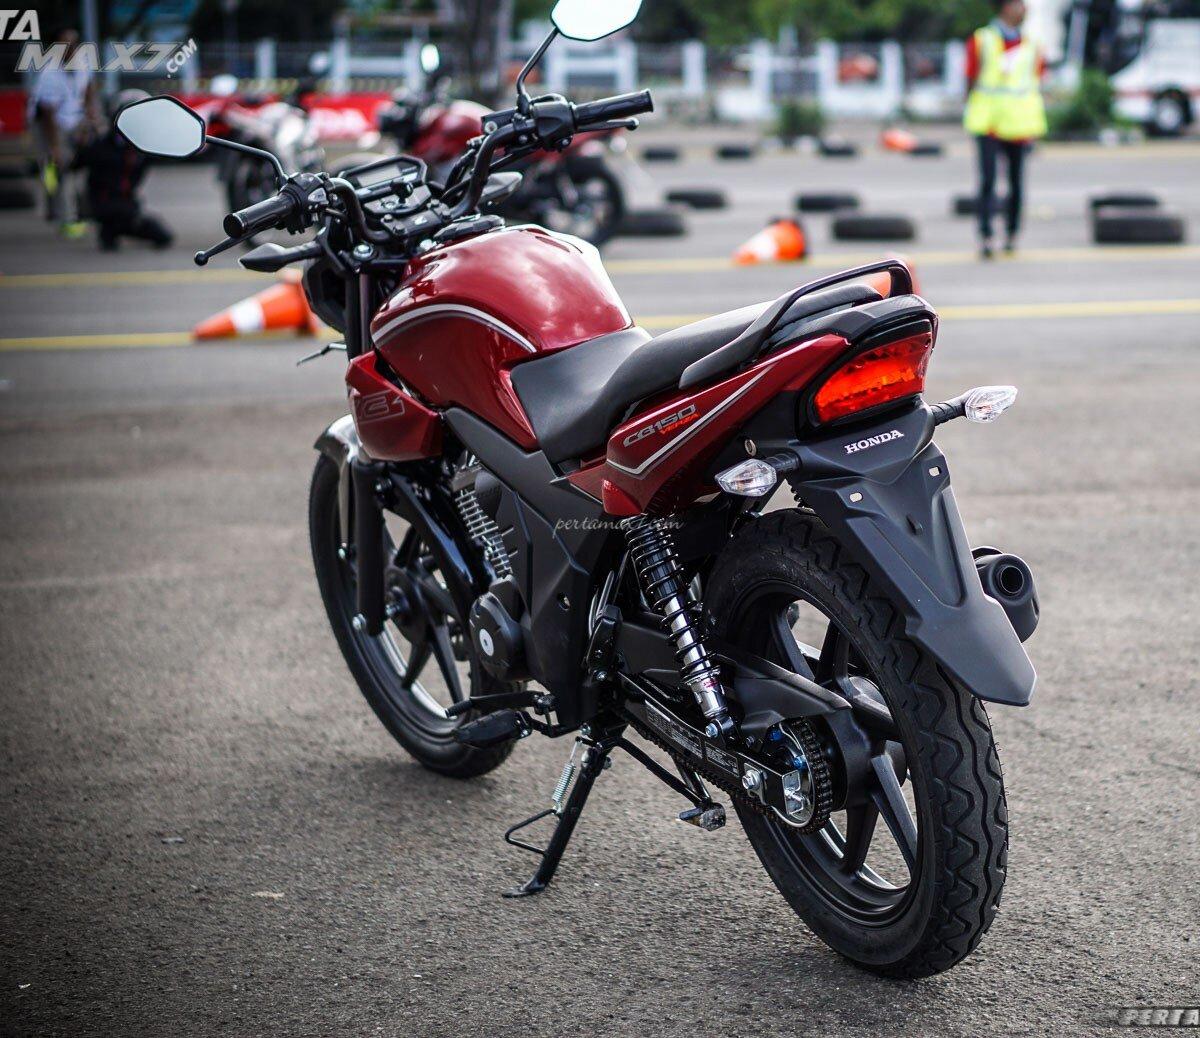 Honda CB150 Verza thời trang, cá tính tôn lên nét mạnh mẽ